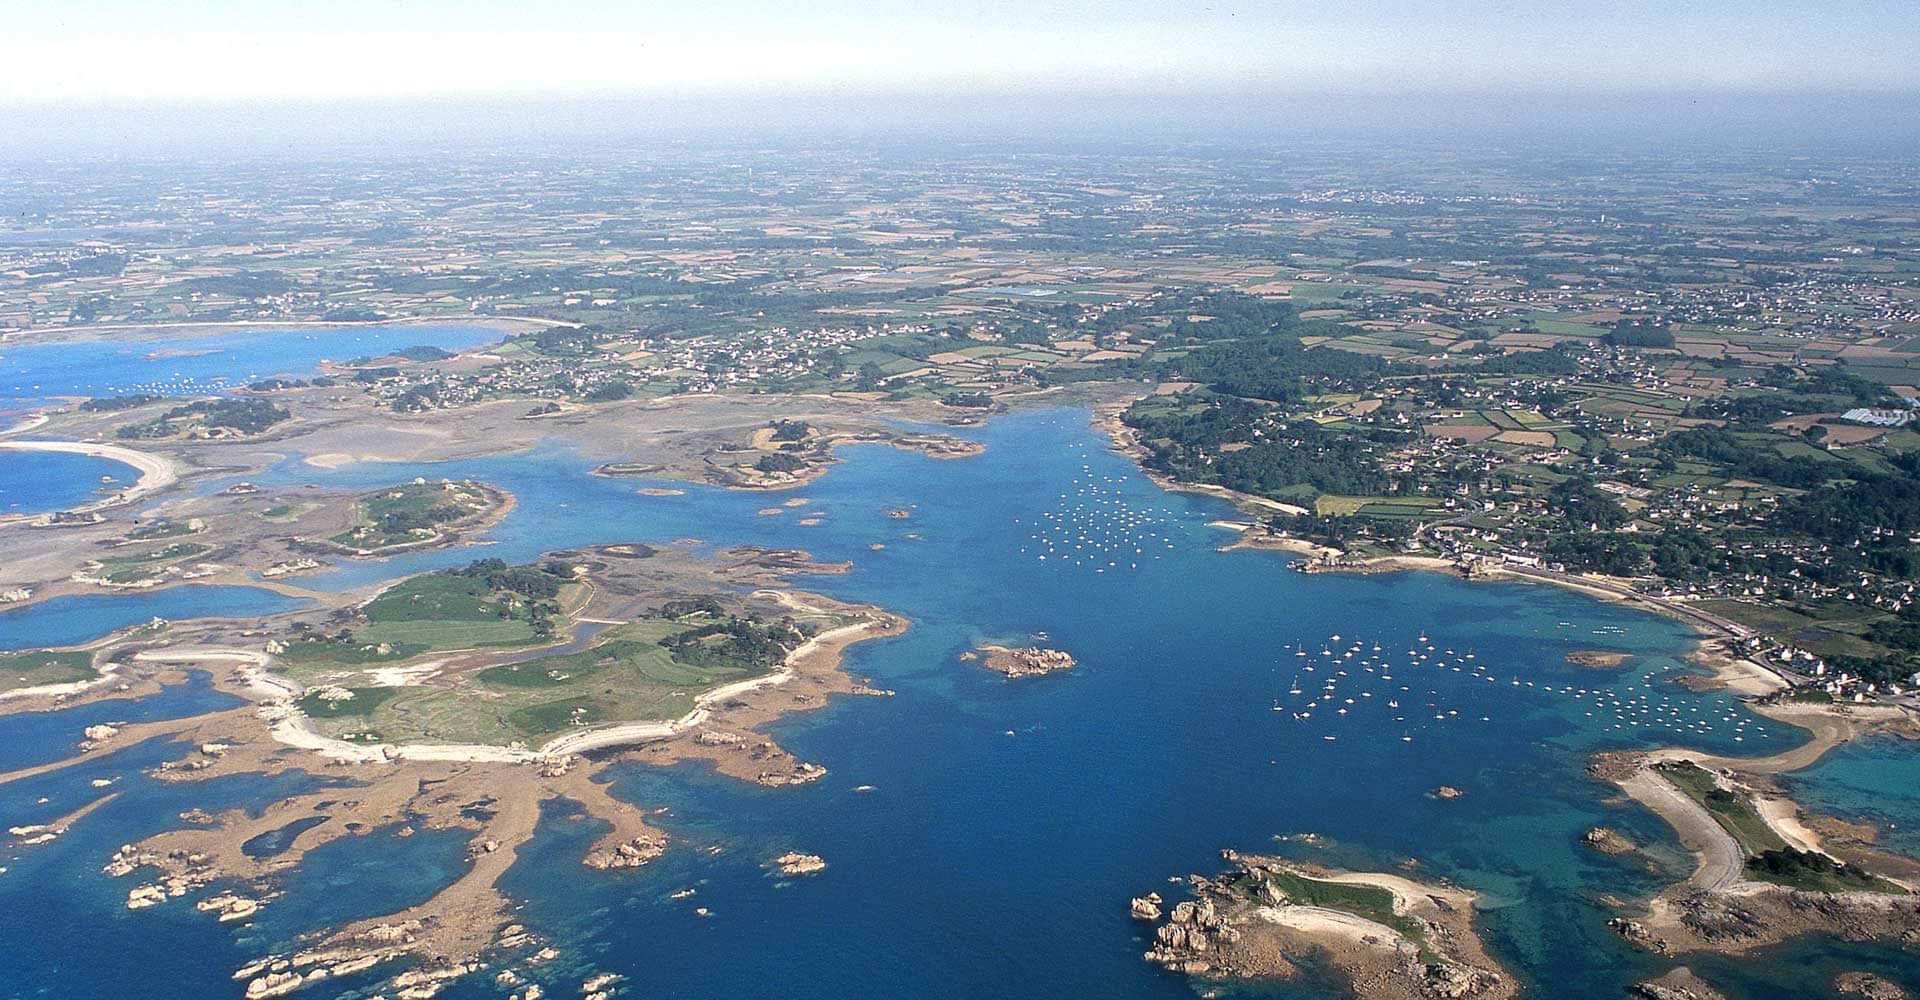 Vue aérienne de la côte